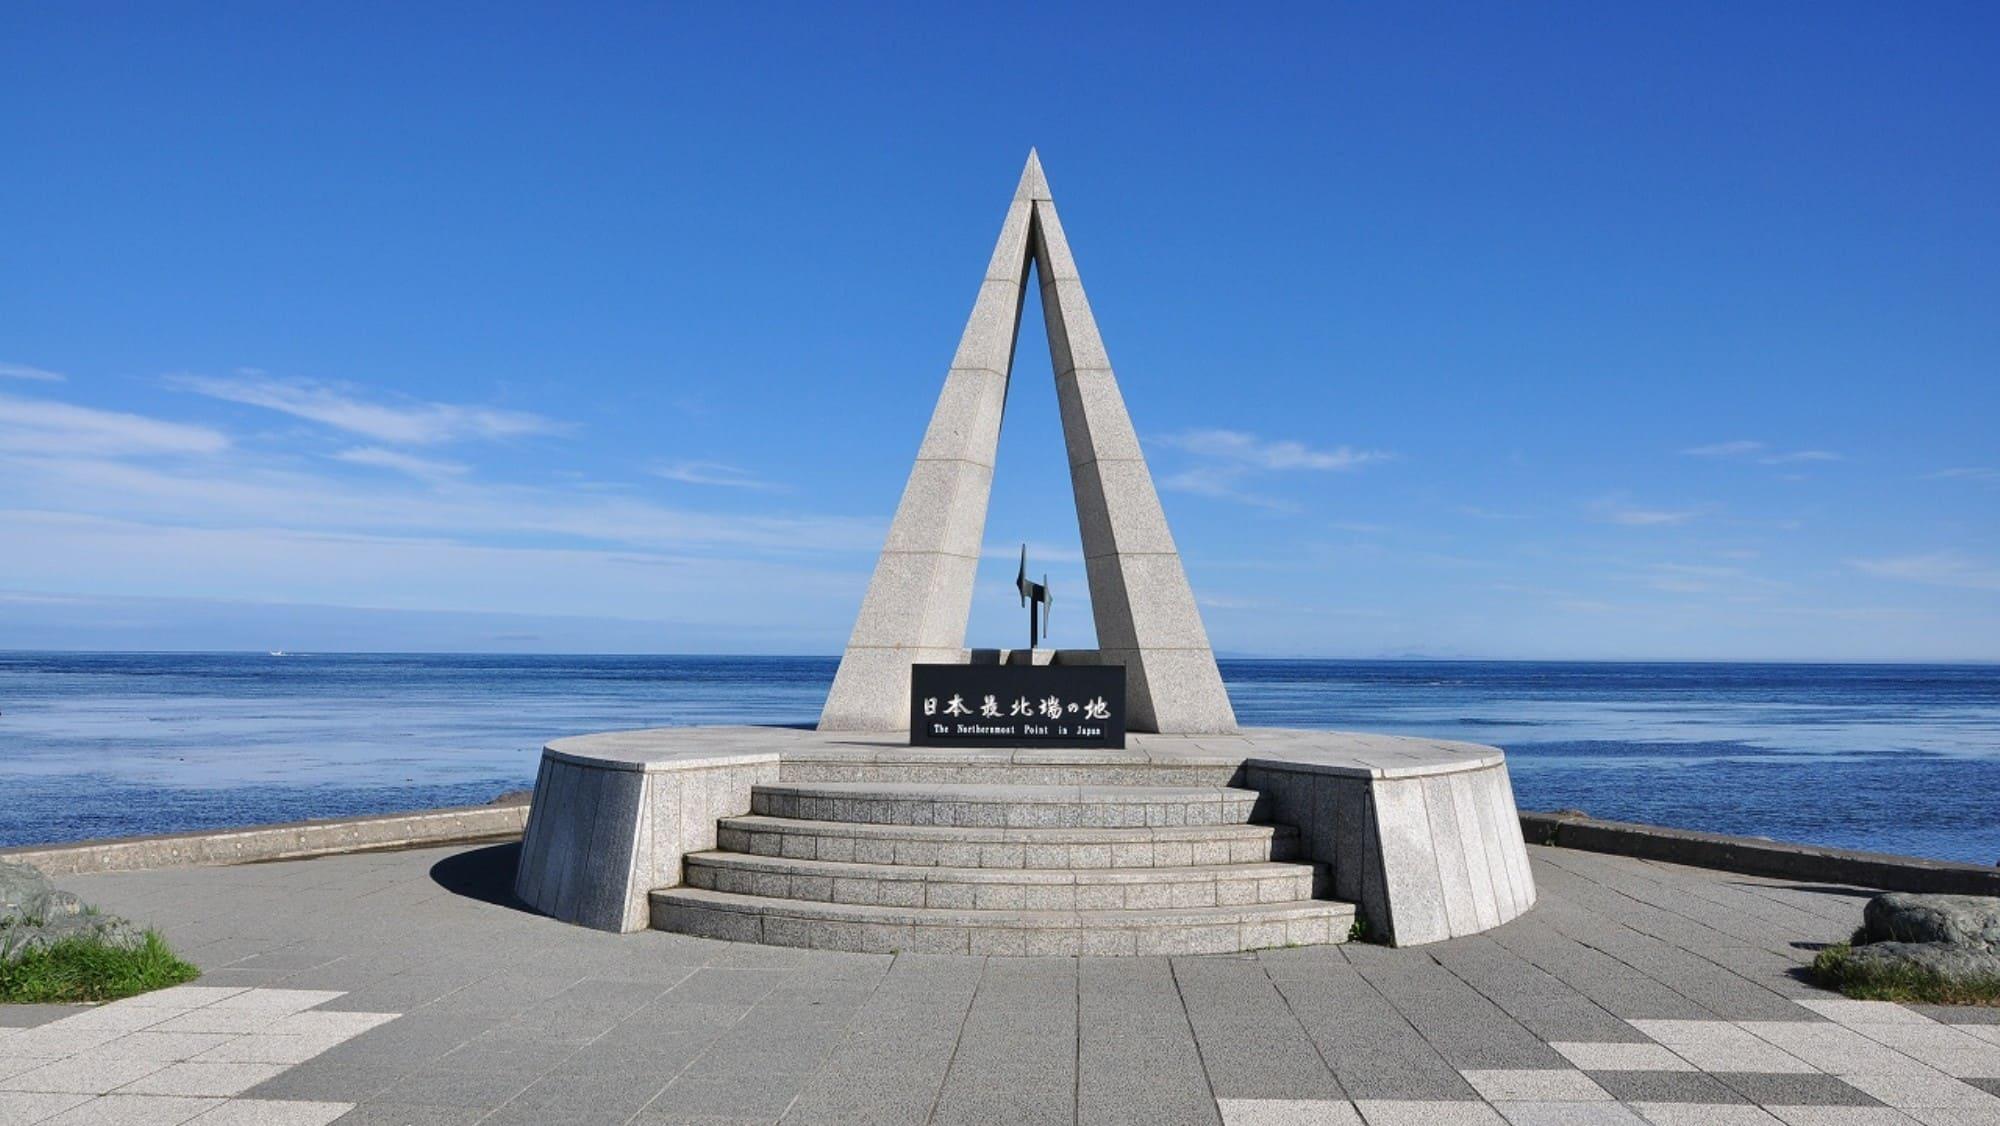 ふるさとパレットに北海道稚内市が参加しました